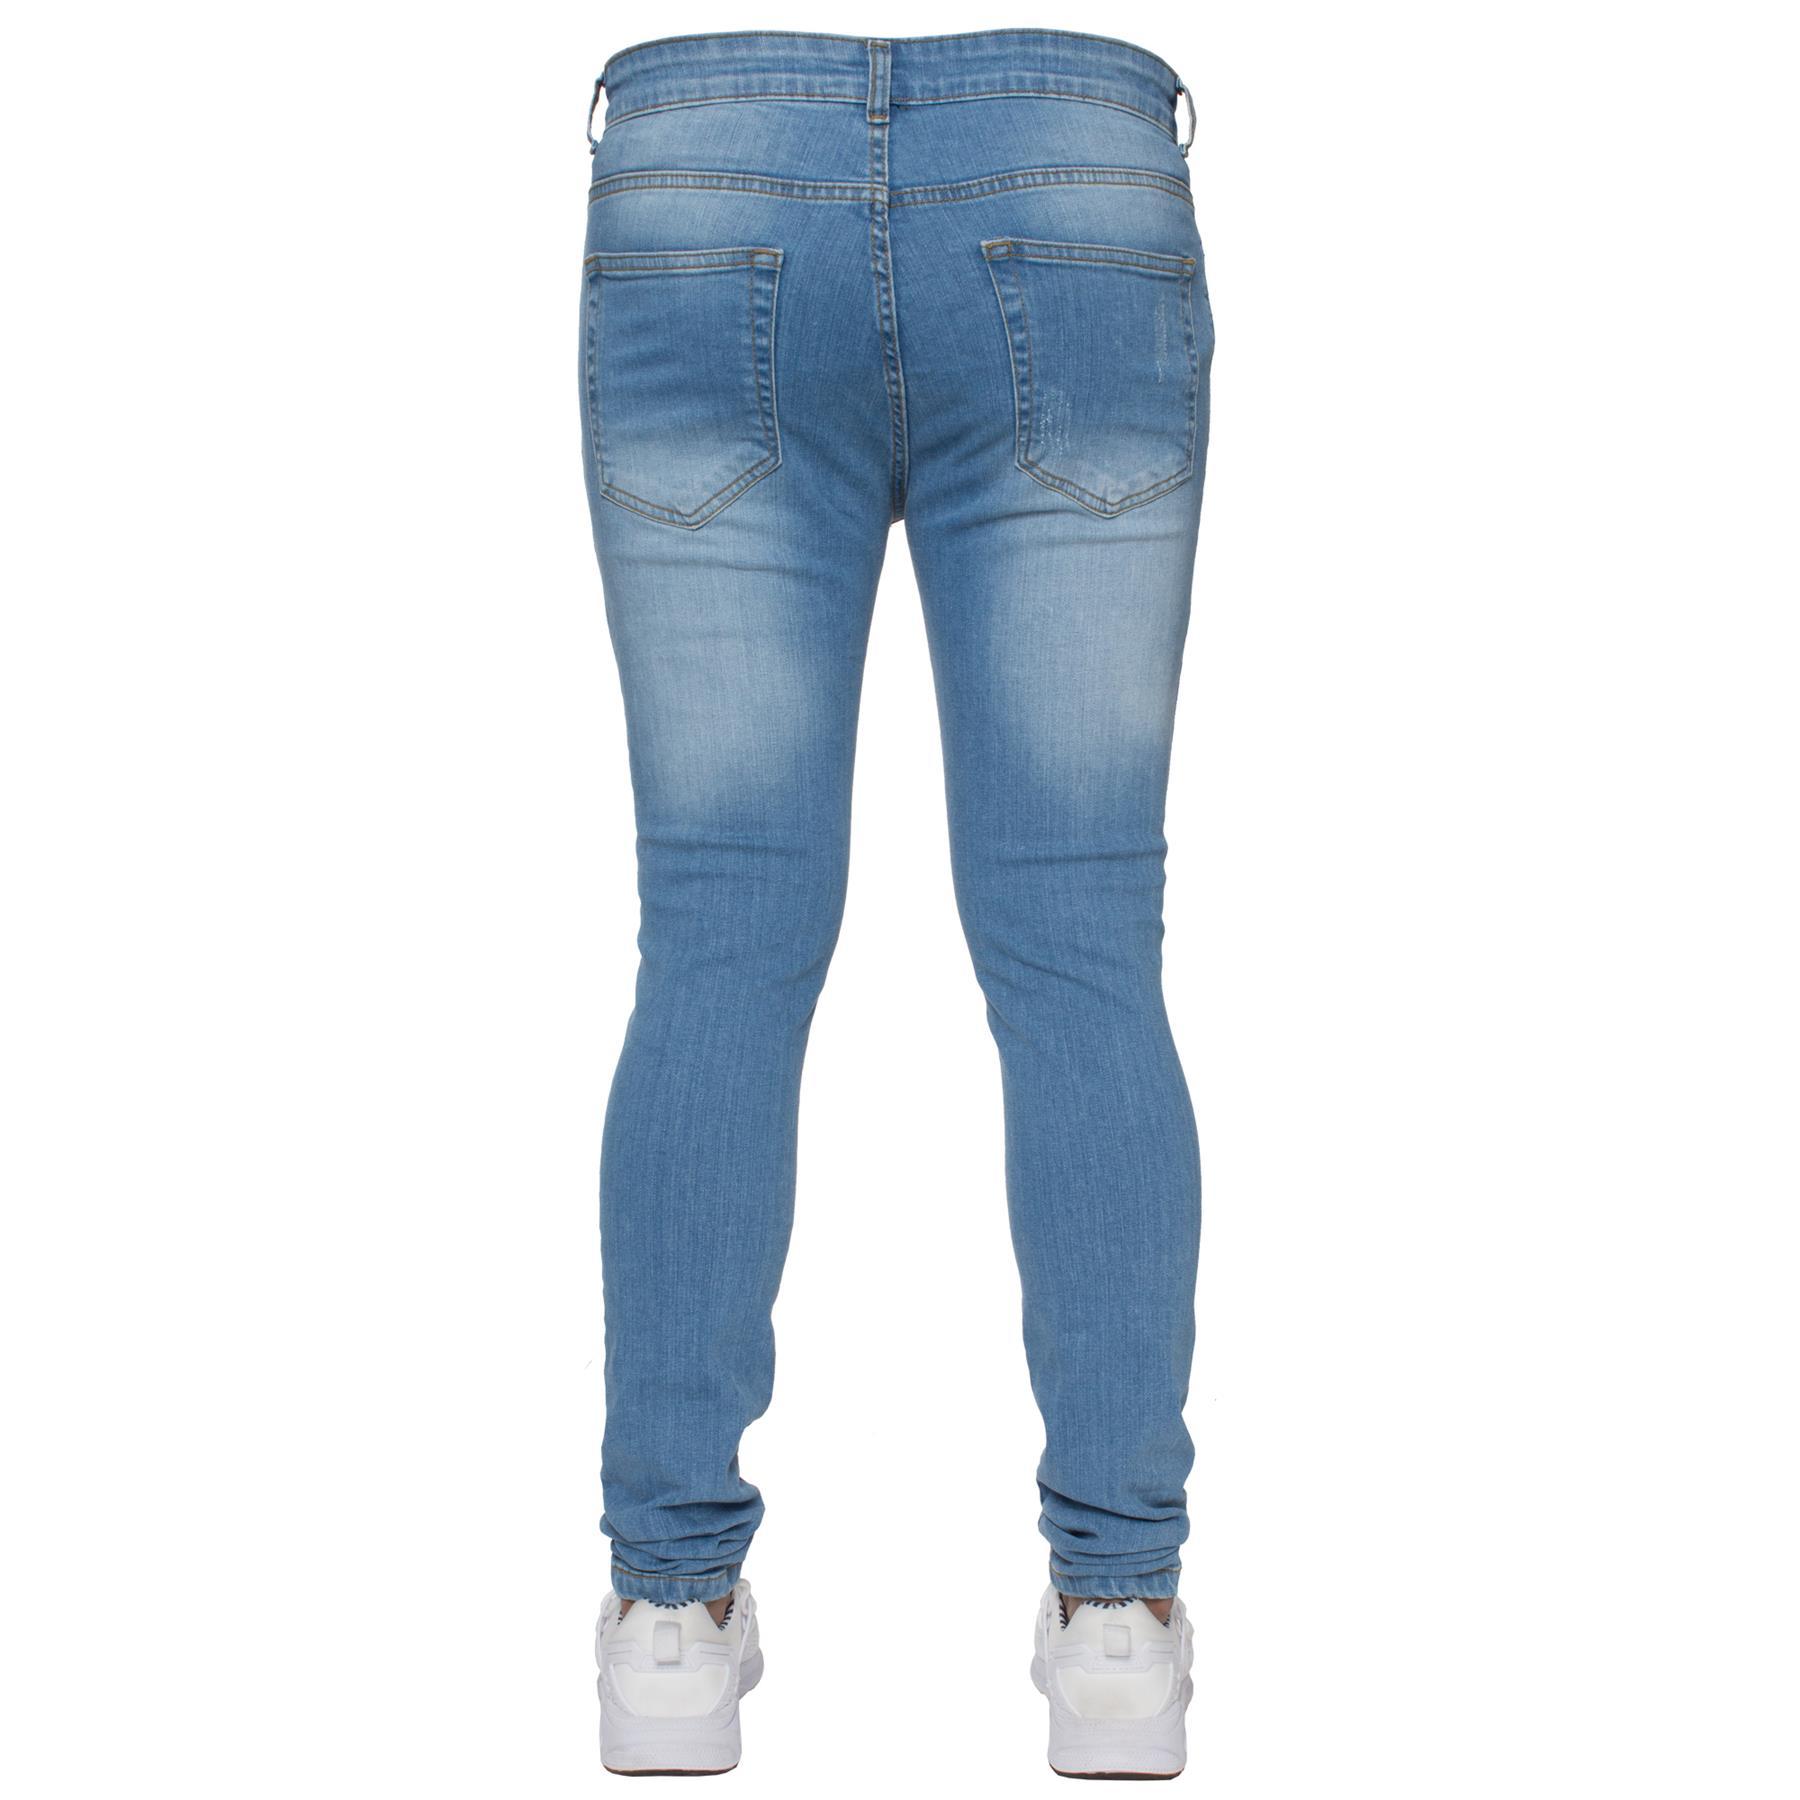 Para-hombre-Super-Skinny-Ripped-Jeans-Pantalones-Ajustados-desgastados-Denim-Envejecido-Todas miniatura 14